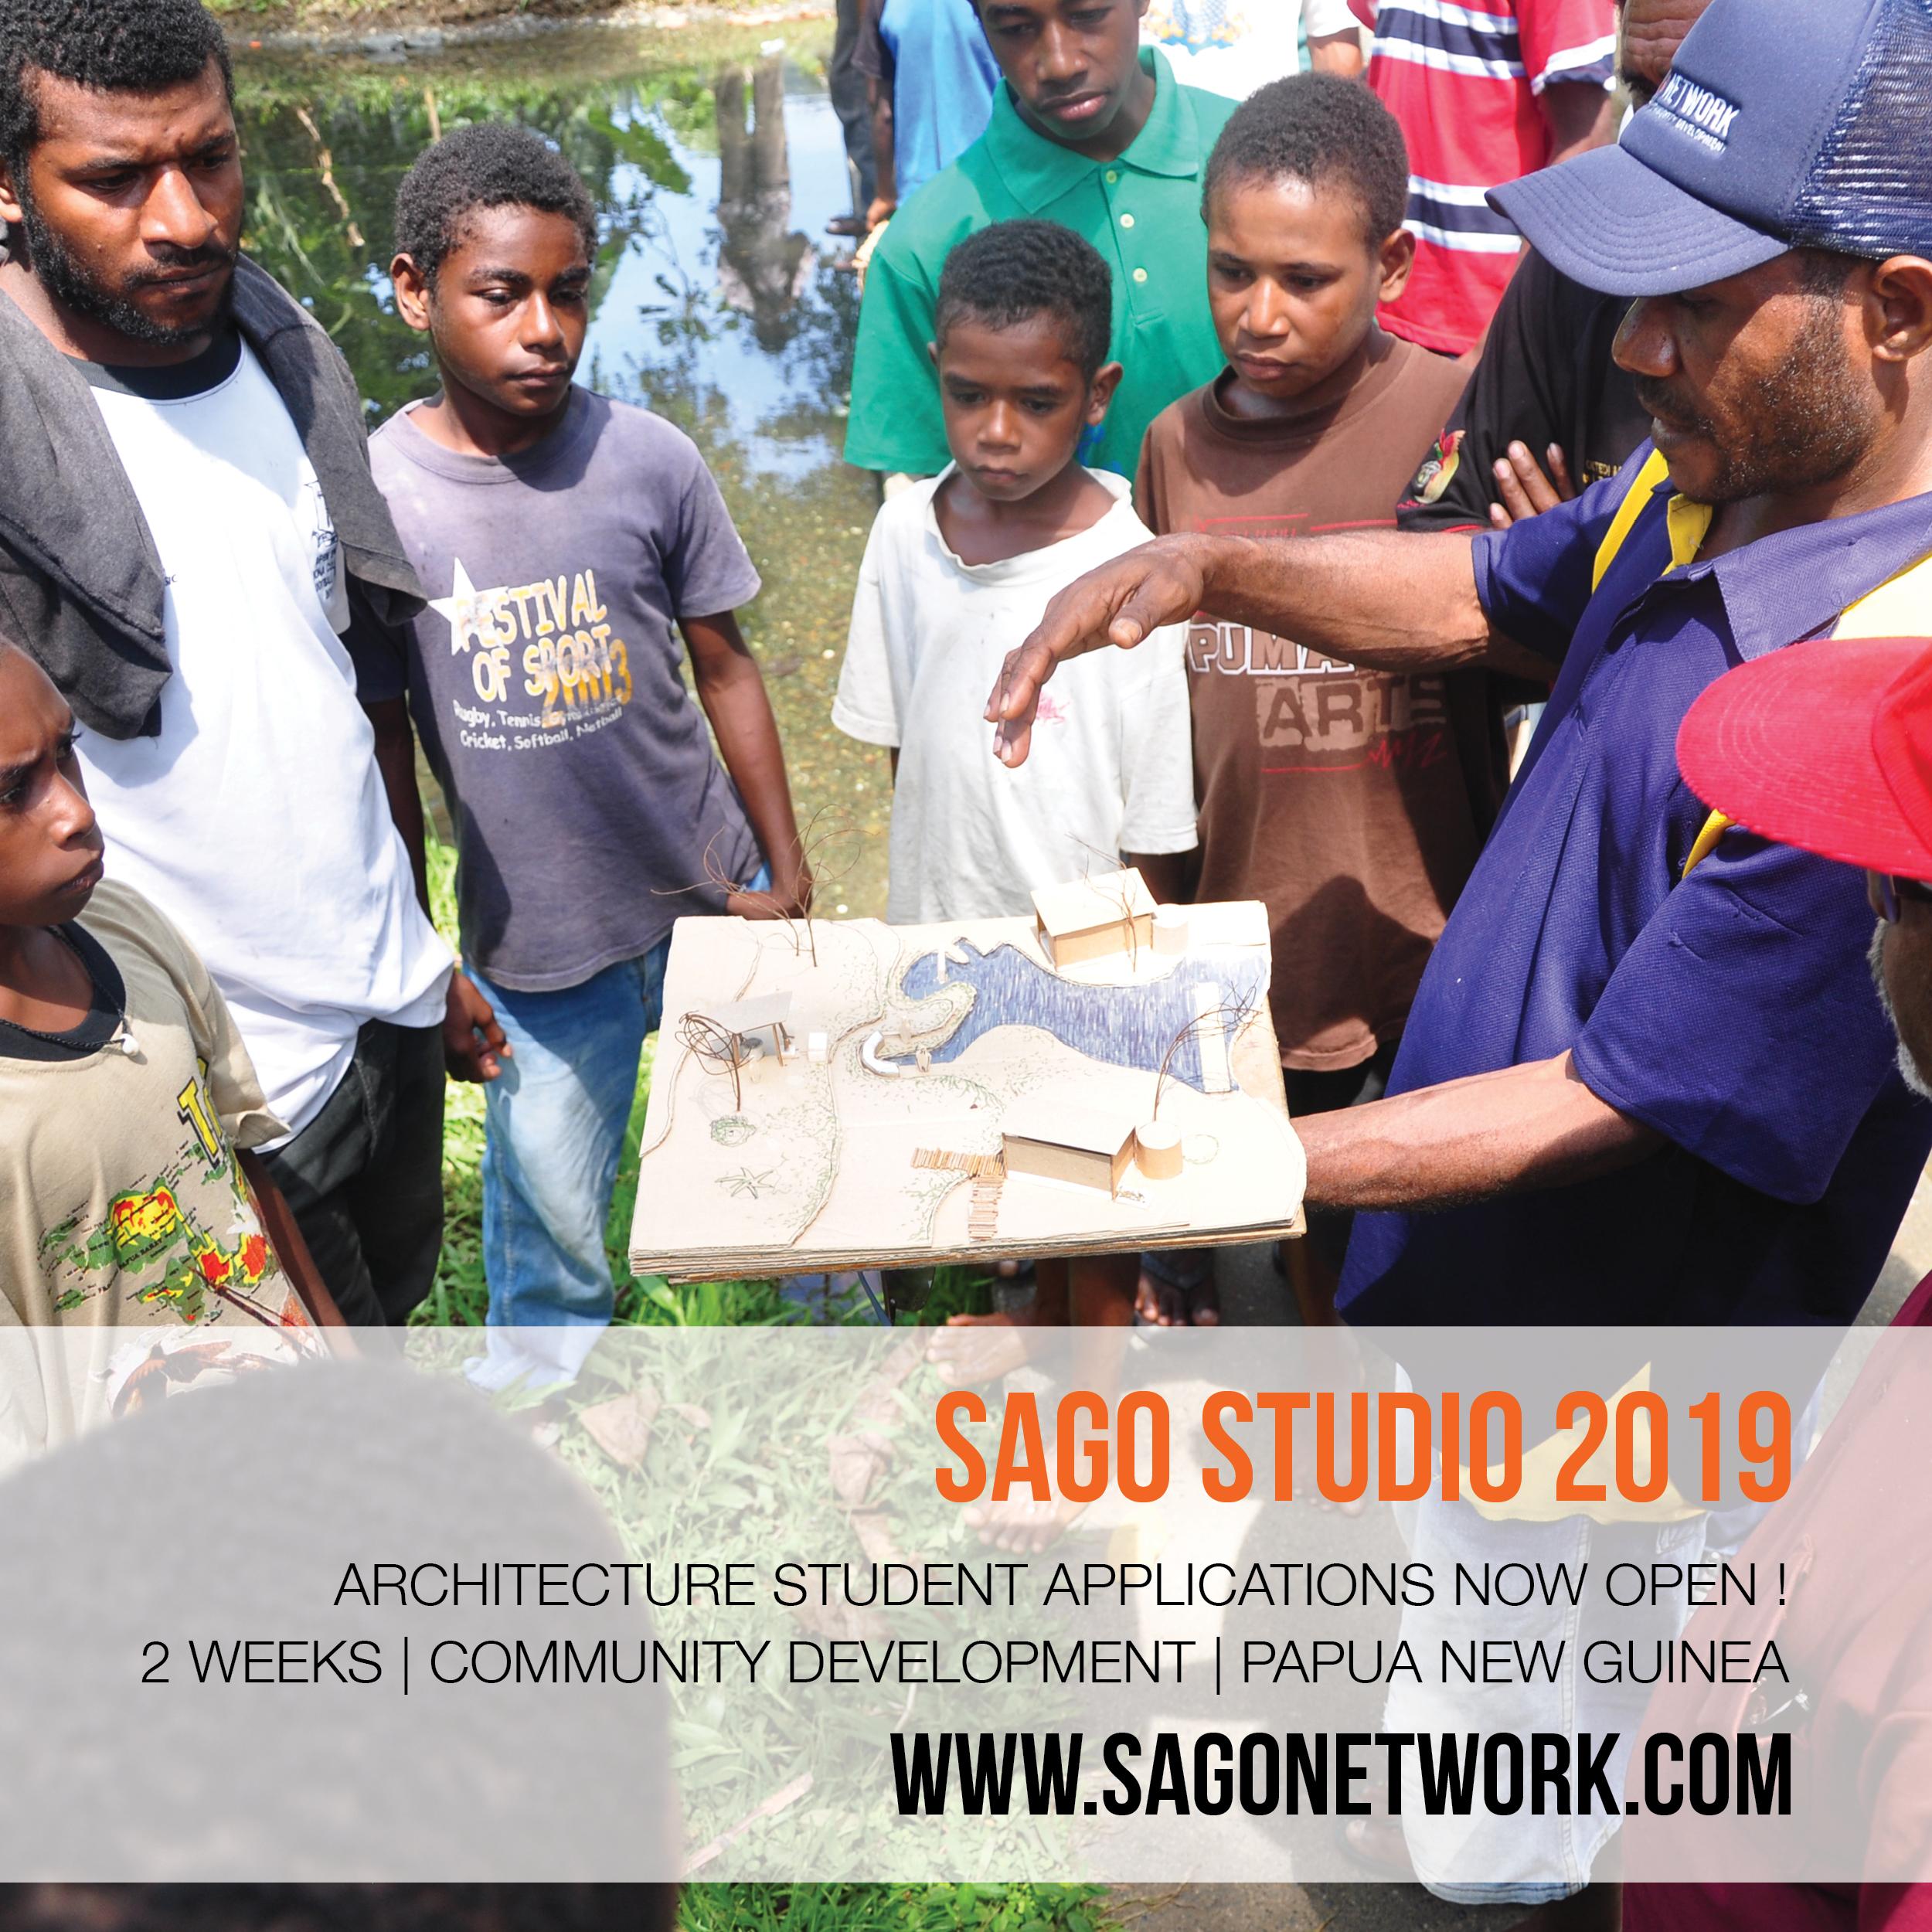 Sago Studio 2019 PNG – applications open!